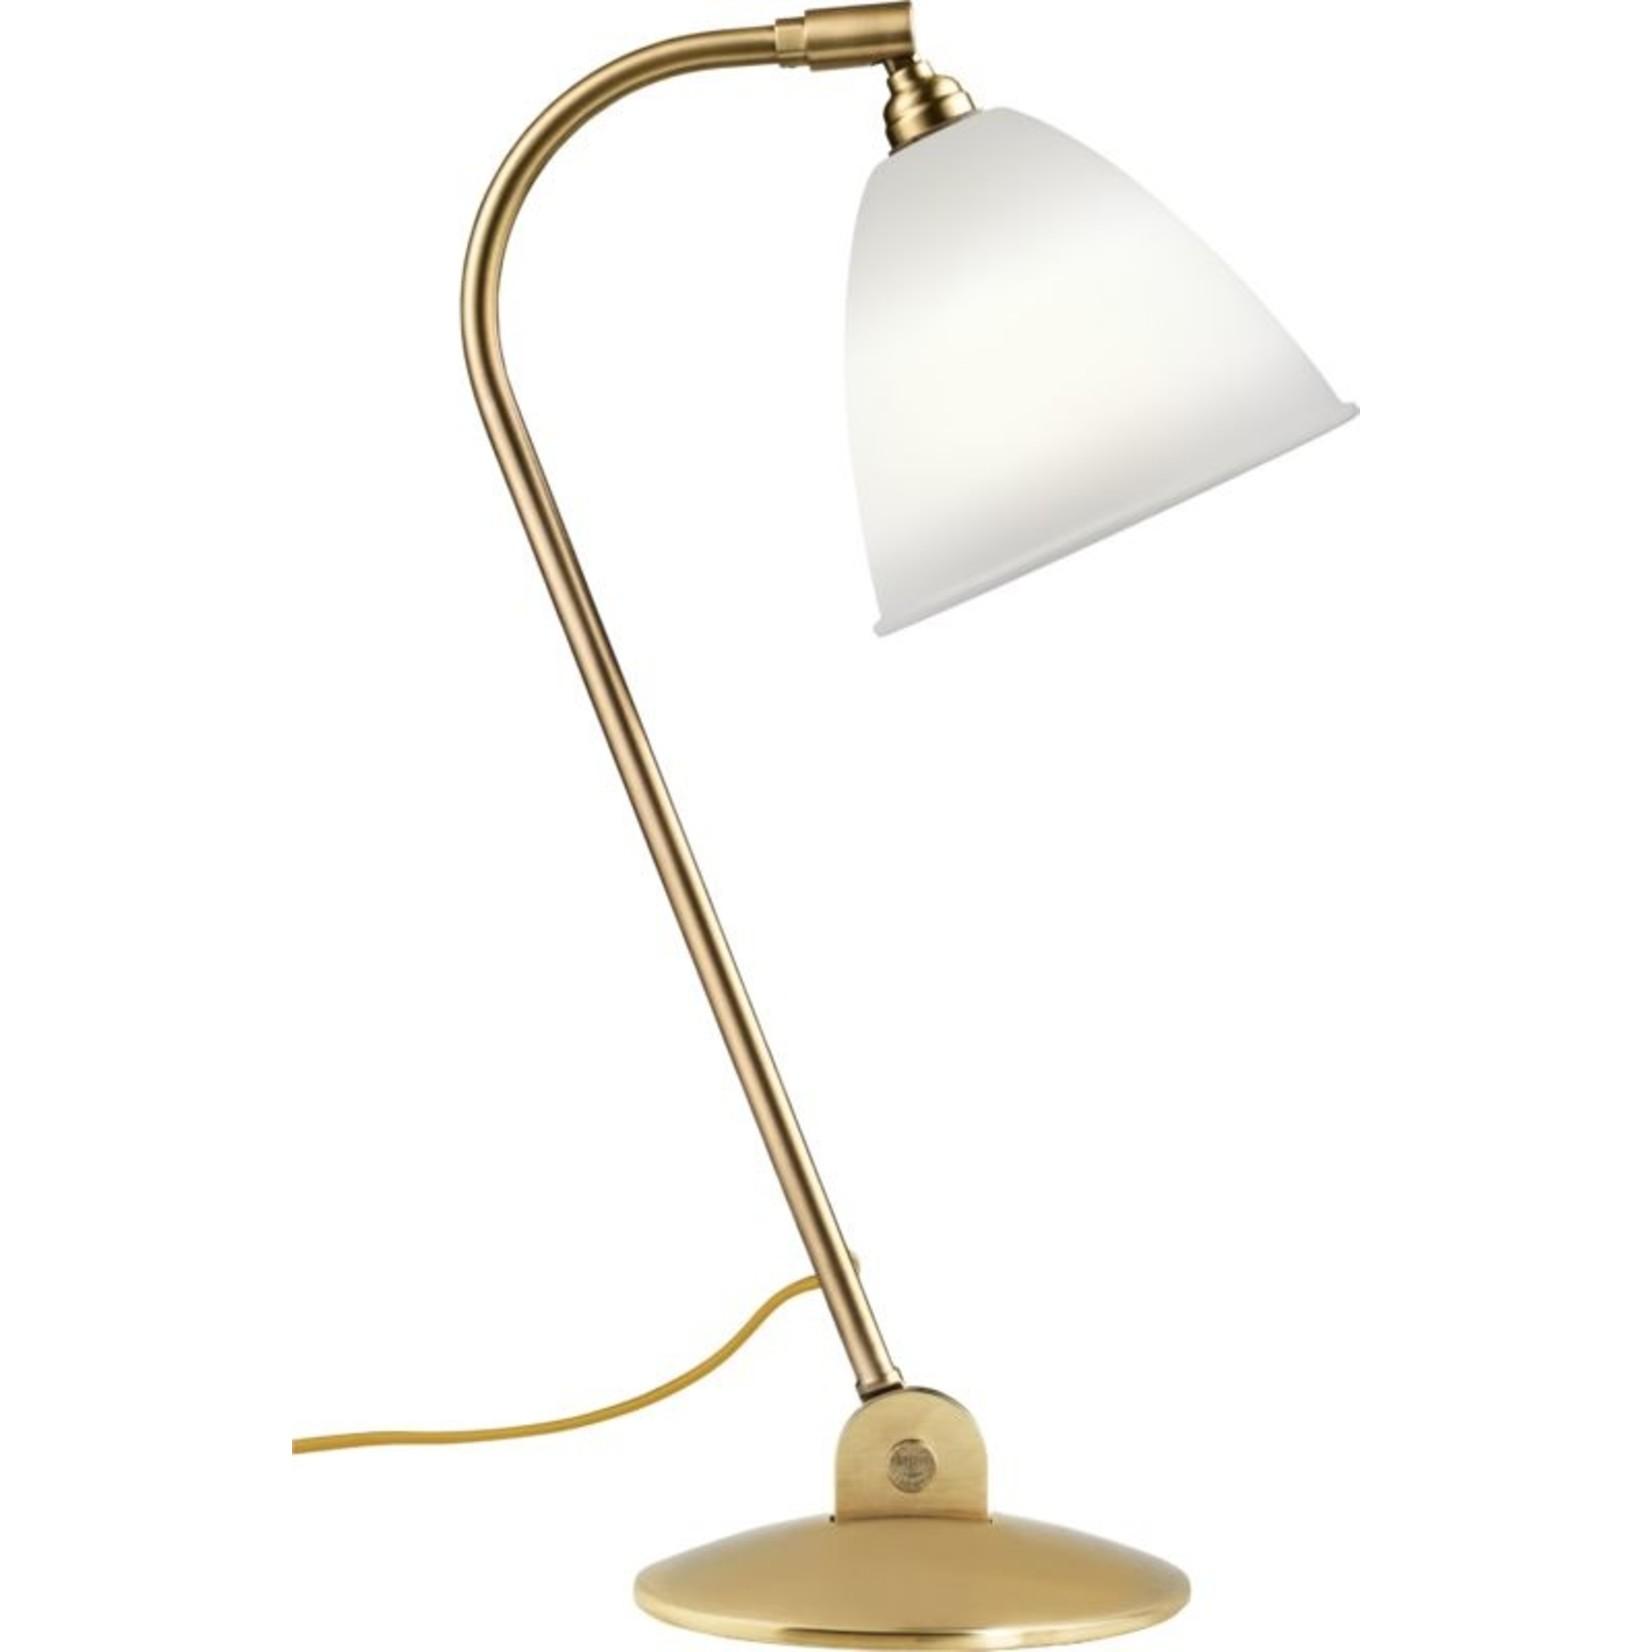 Gubi BL2 Table Lamp - Ø16 | Brass Base & Bone China Shade